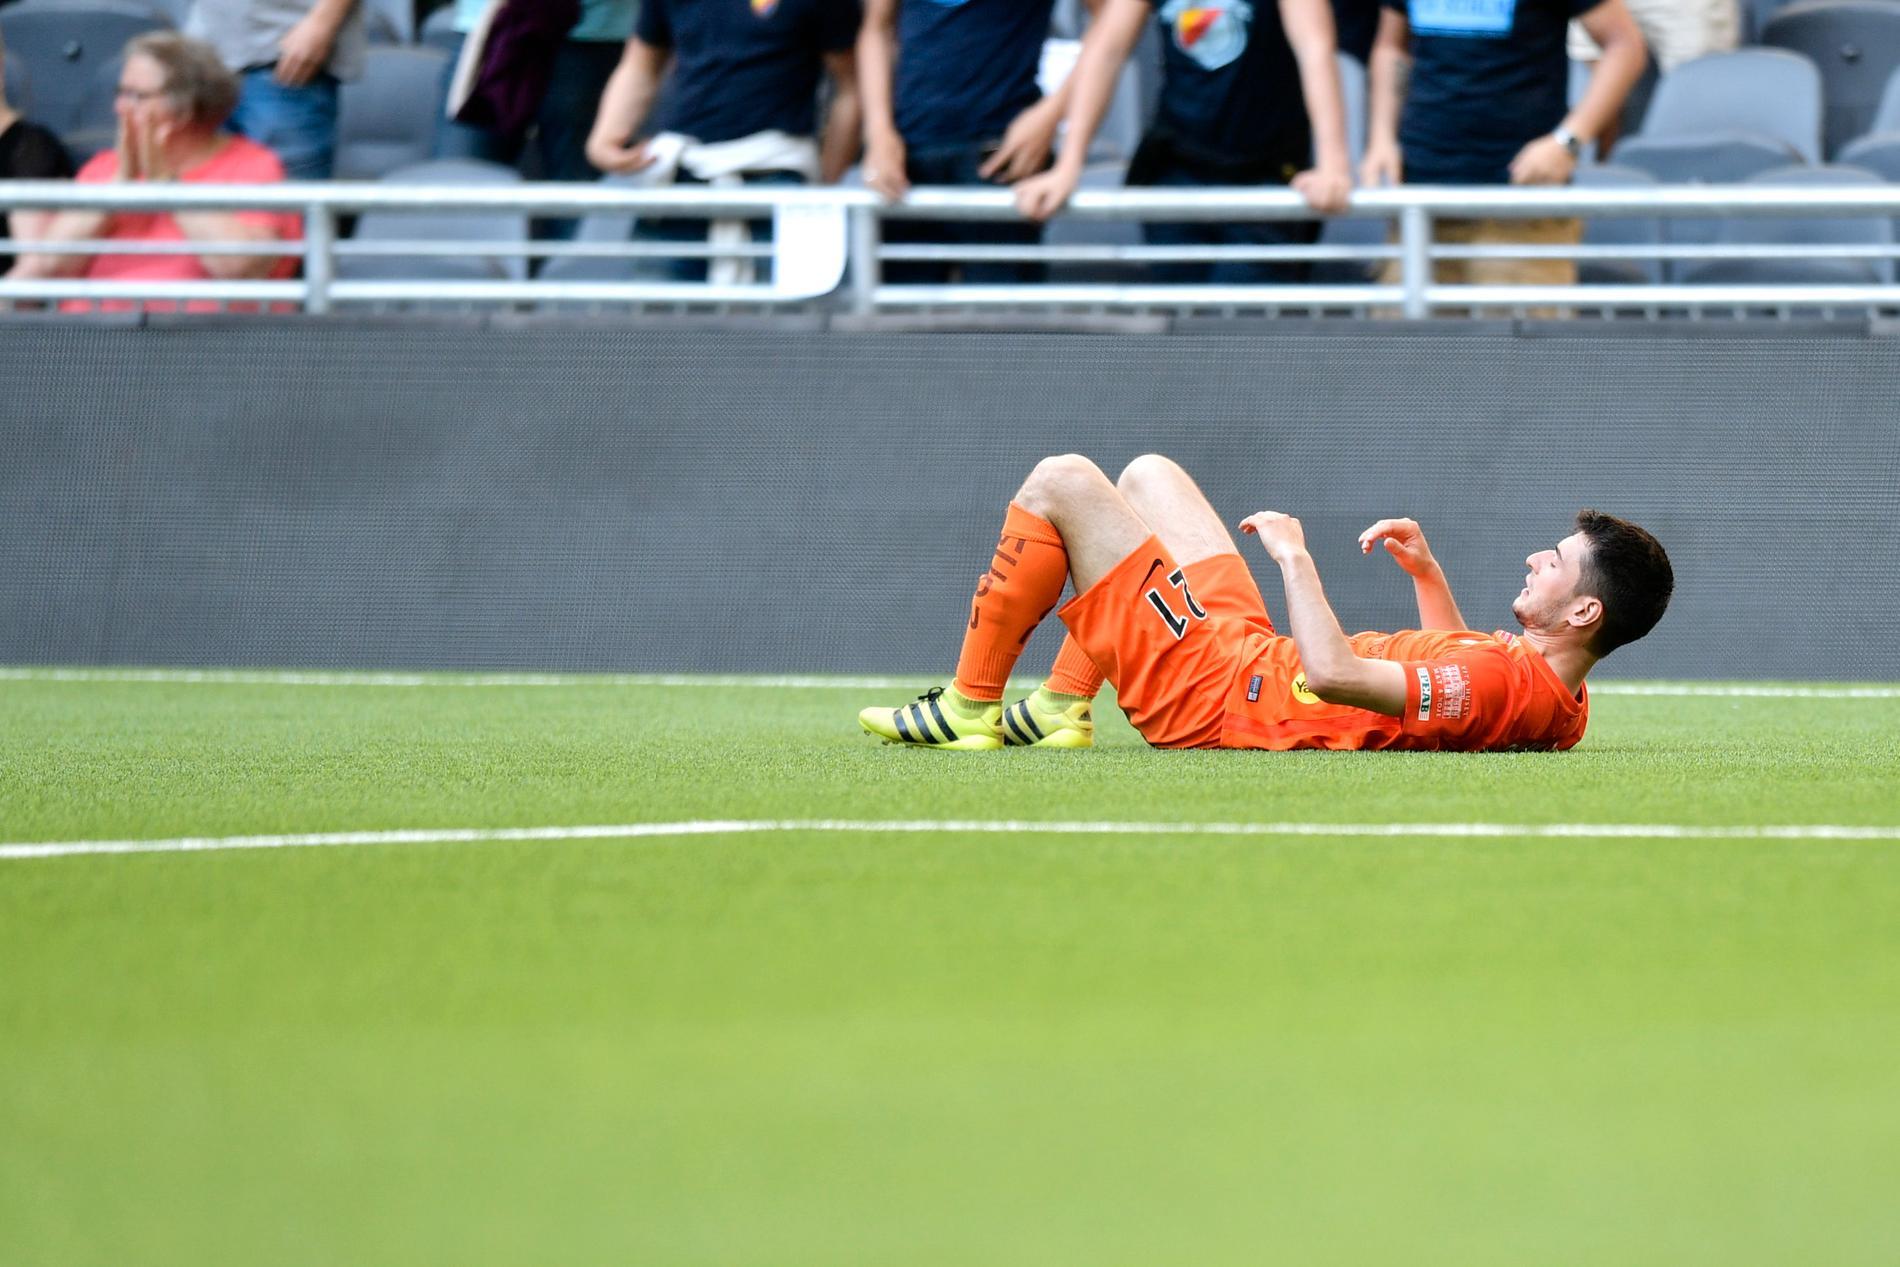 Ansel Raskaj och hans AFC väntar fortfarande på första segern i allsvenskan.